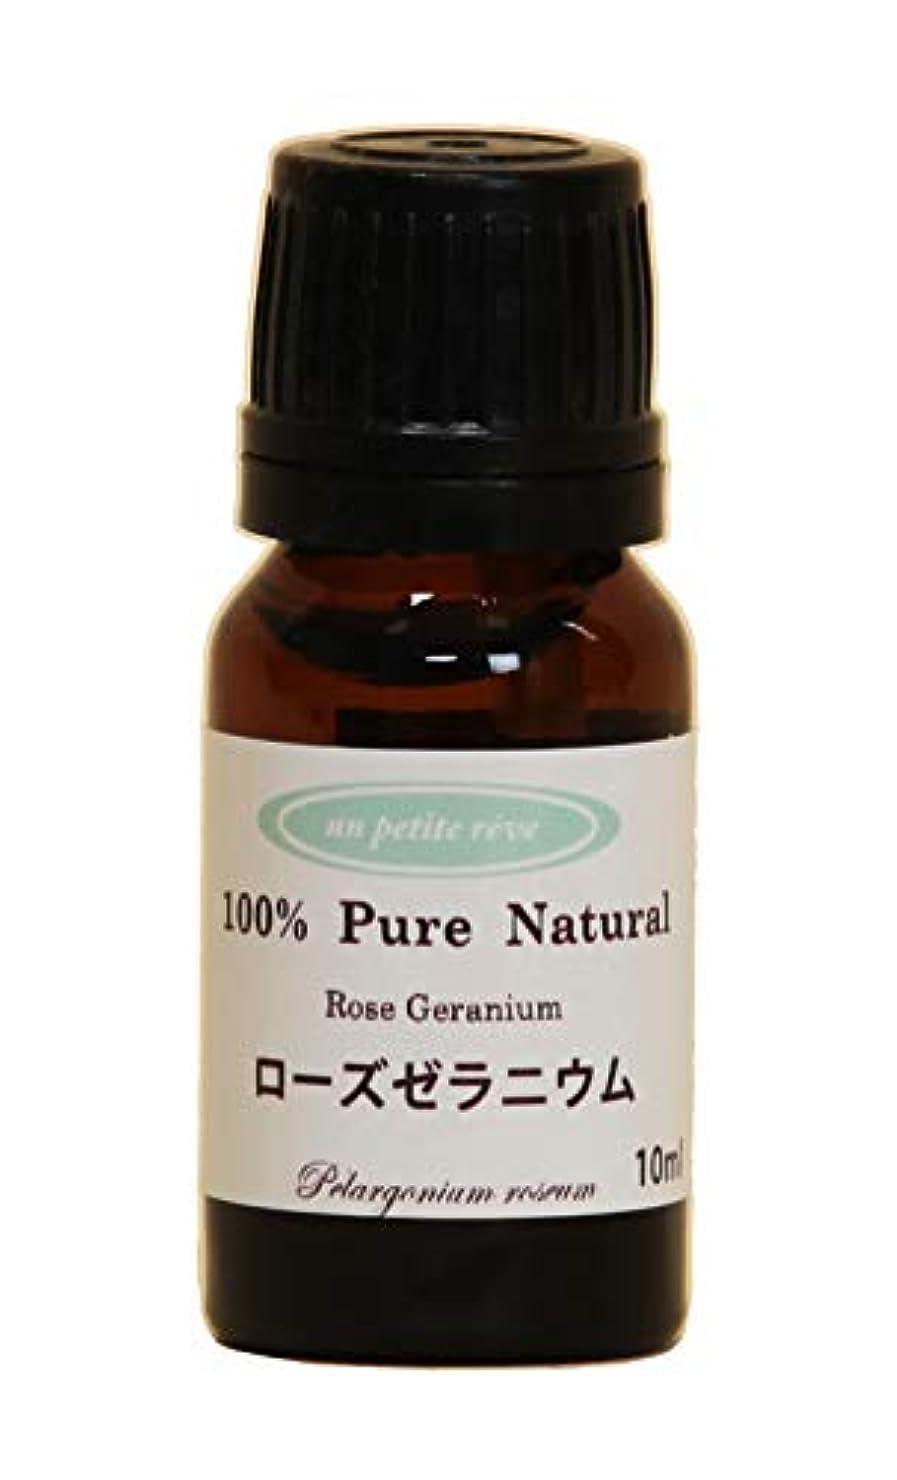 通知するピラミッド騒乱ローズゼラニウム 10ml 100%天然アロマエッセンシャルオイル(精油)